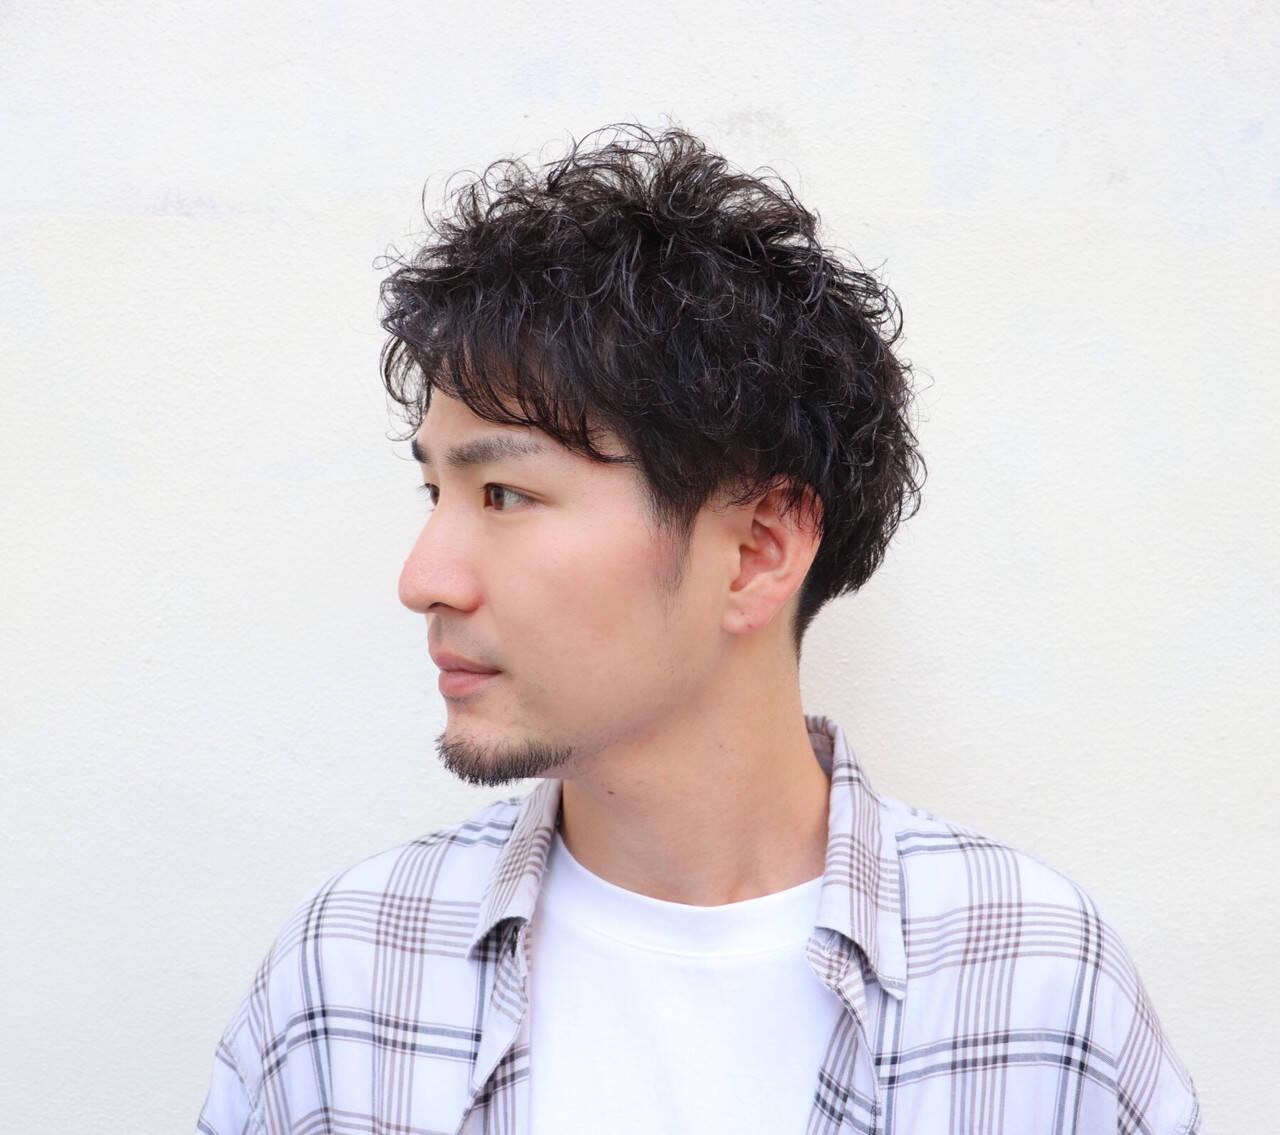 ショート メンズヘア メンズショート 福岡市ヘアスタイルや髪型の写真・画像